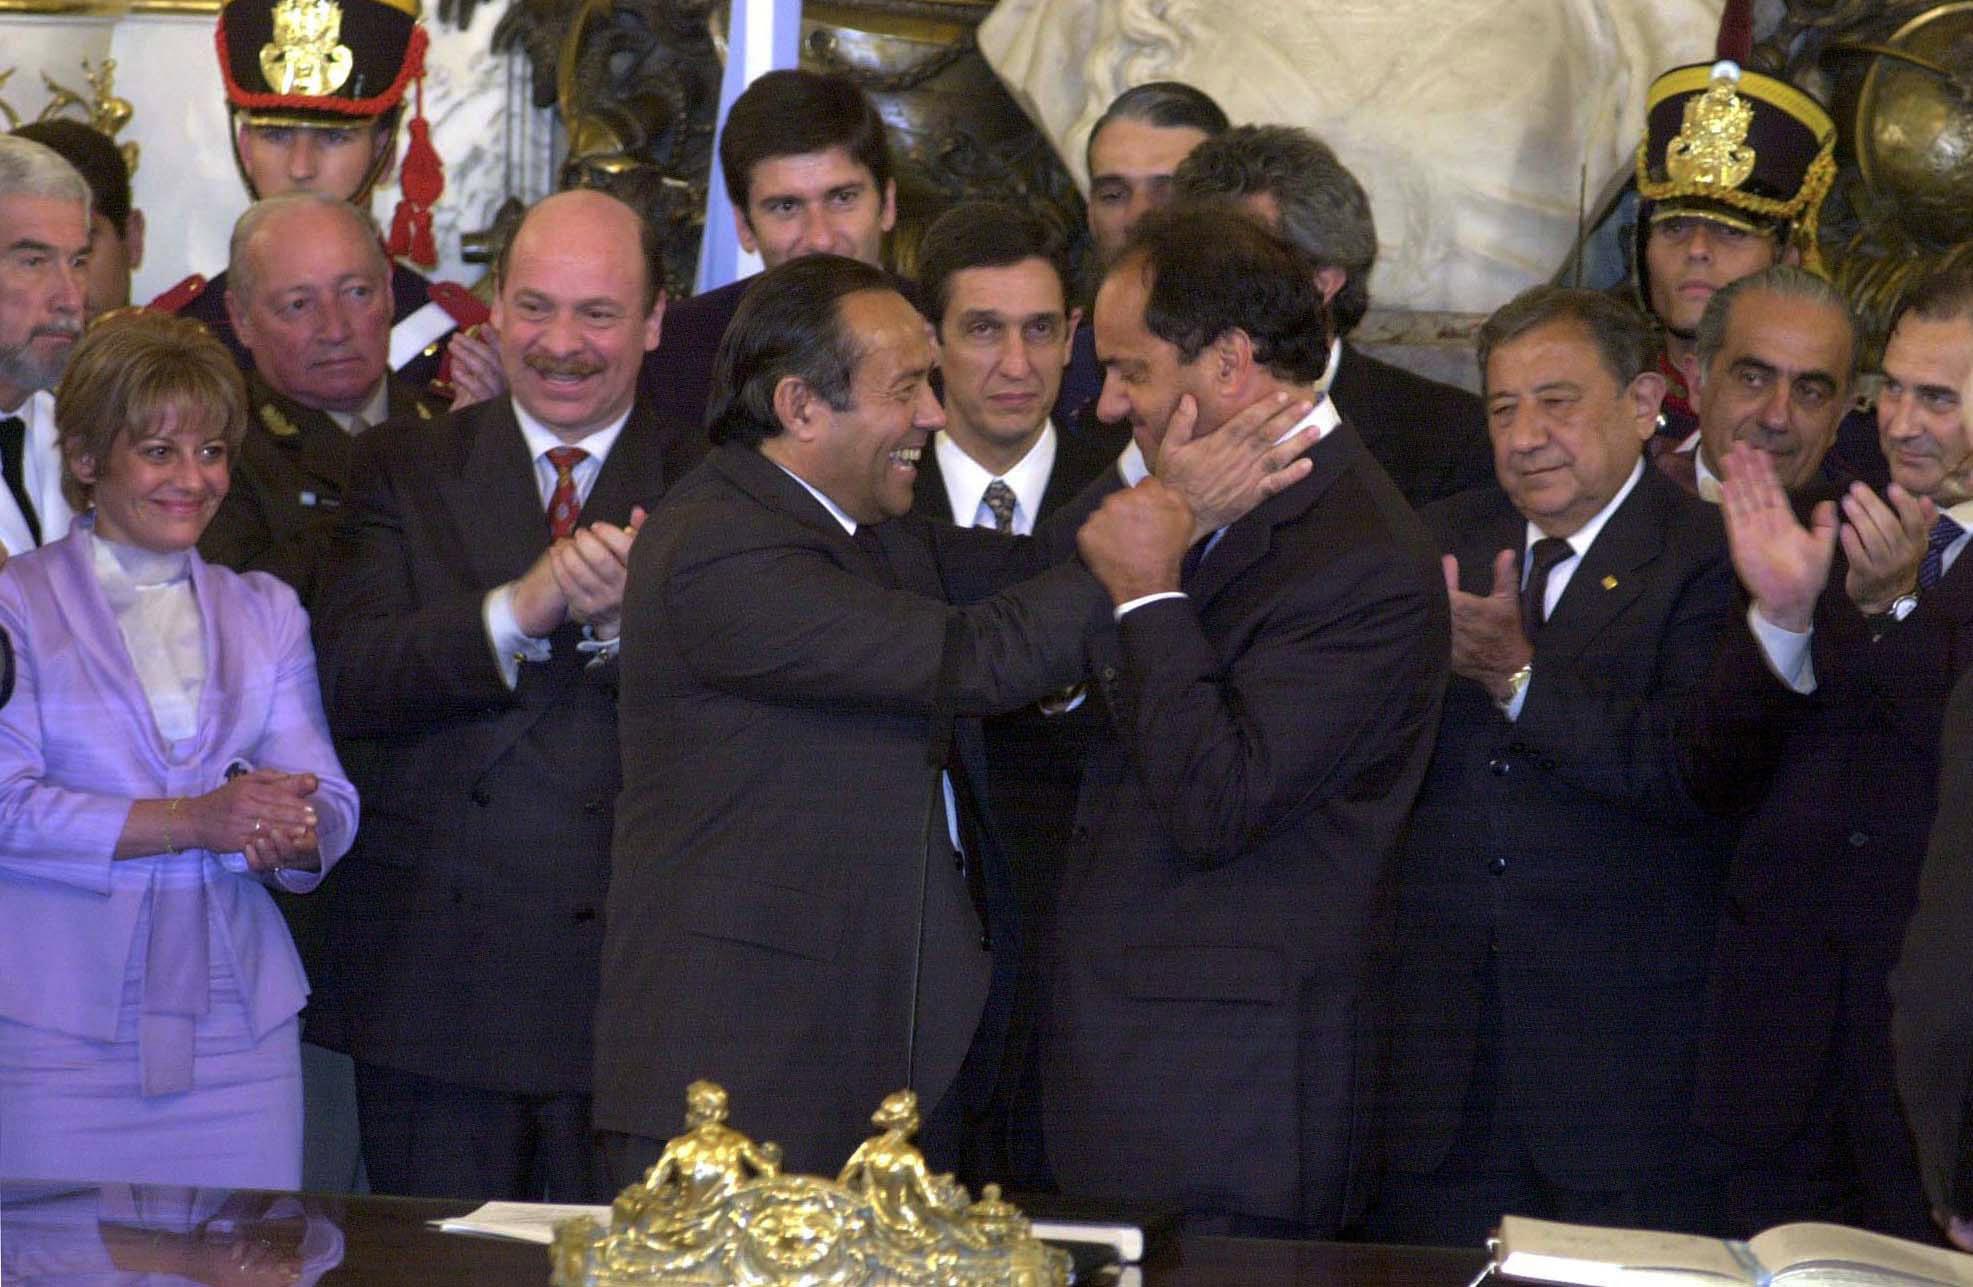 EL PRESIDENTE ADOLFO RODRIGUEZ SAA, TOMA JURAMENTO AL NUEVO SECRETARIO DE DEPORTES, DANIEL SCIOLI 2L 23/12/2001,  EN CASA DE GOBIERNO